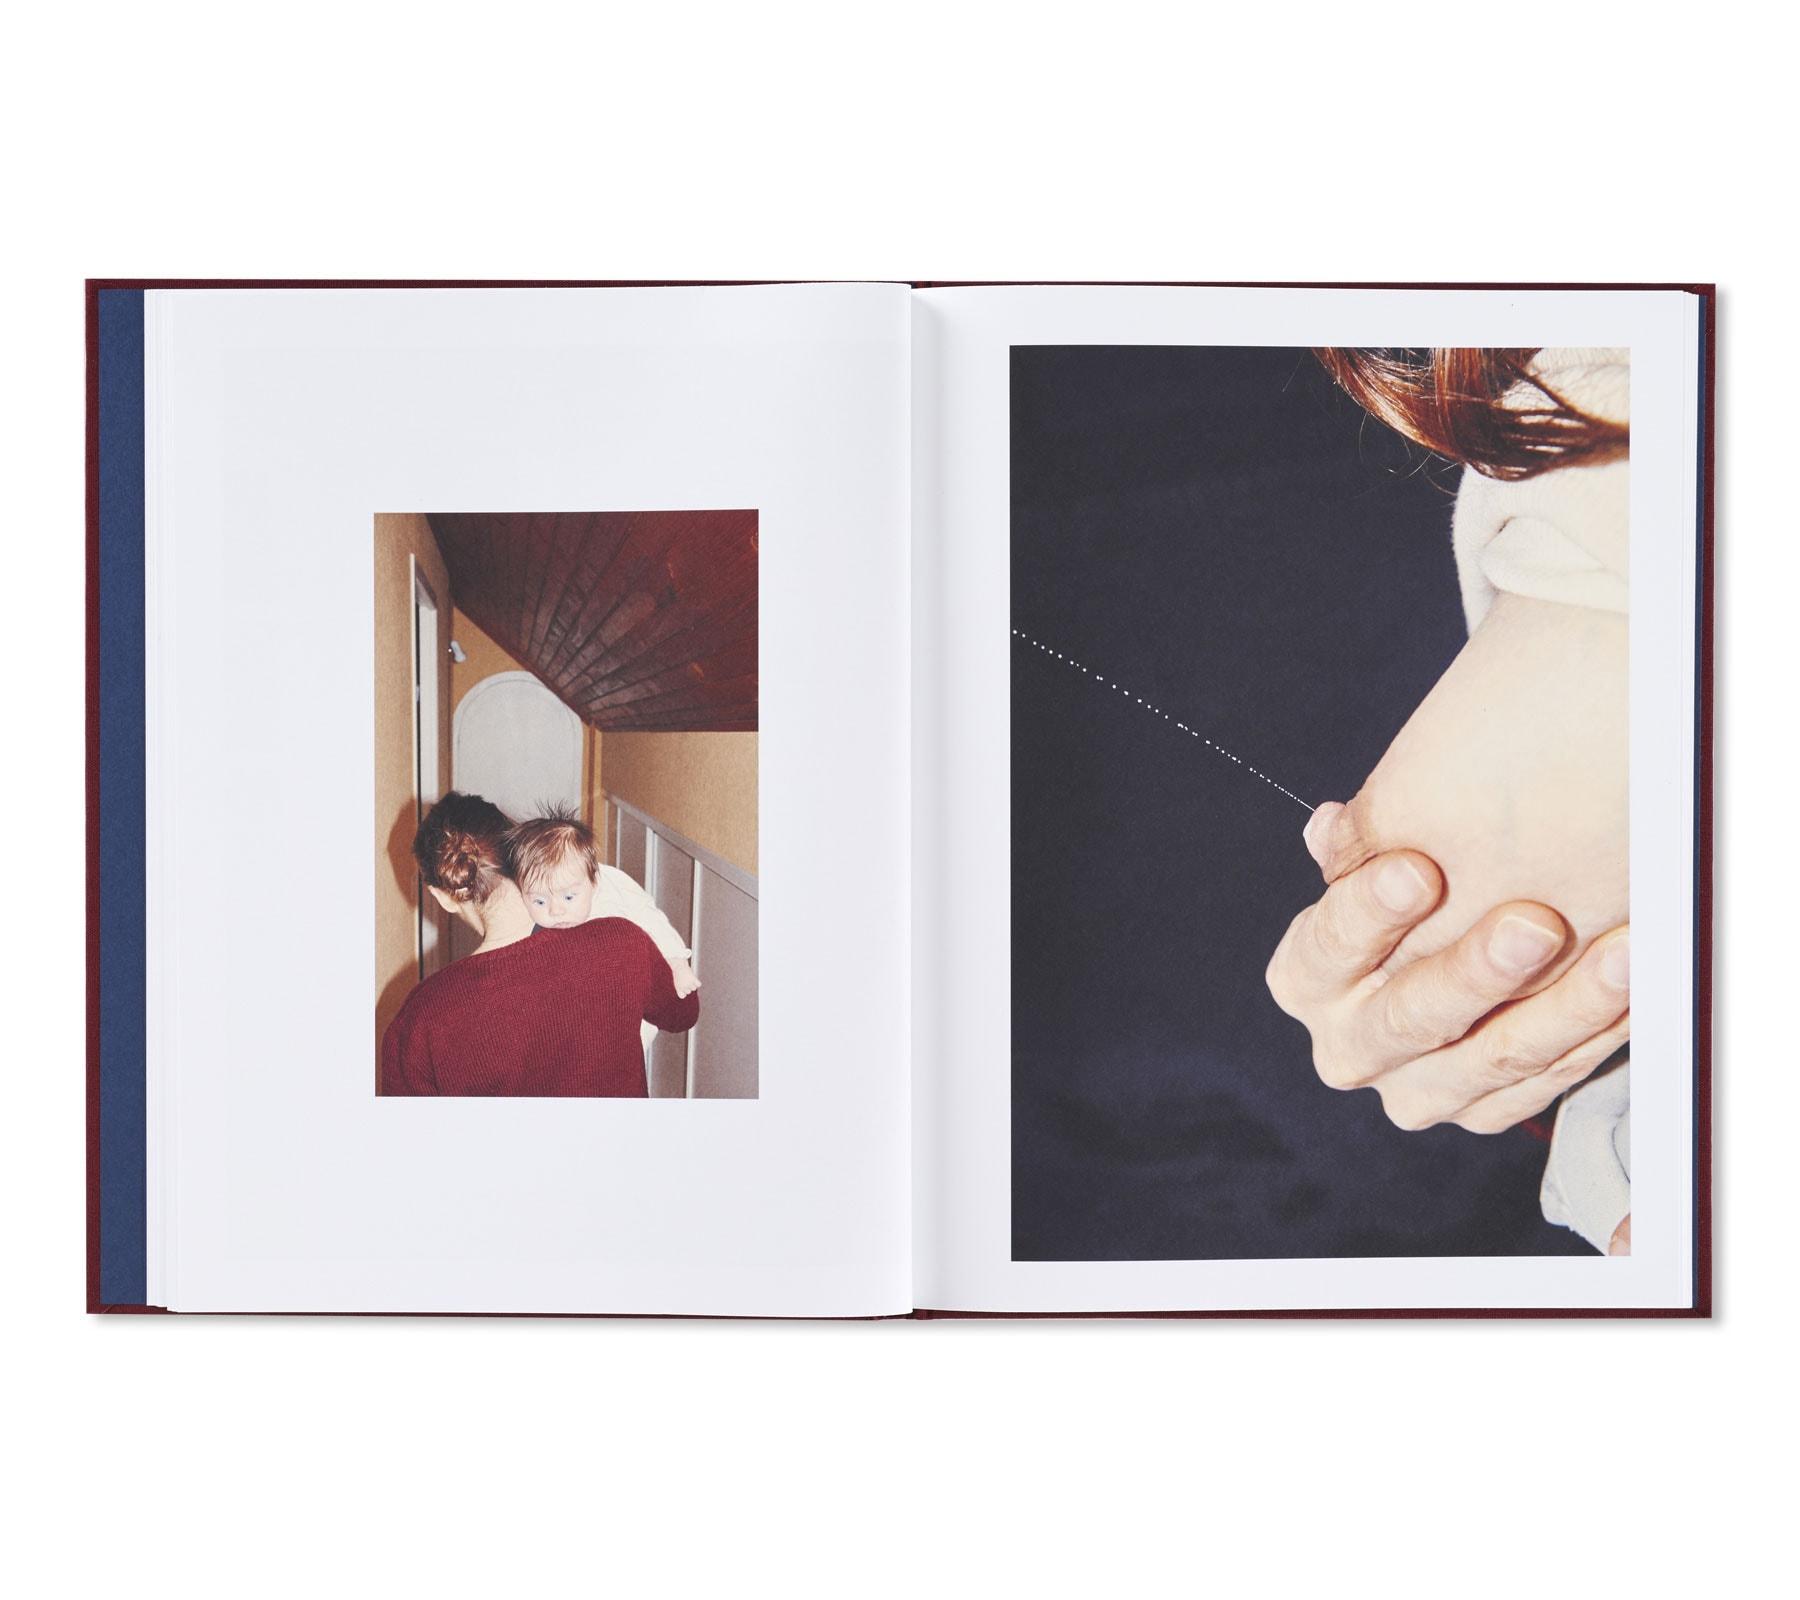 ブックレヴュー『MILKY WAY』ヴァンサン・フェラーネ | ヴァンサン・フェラーネ『MILKY WAY』